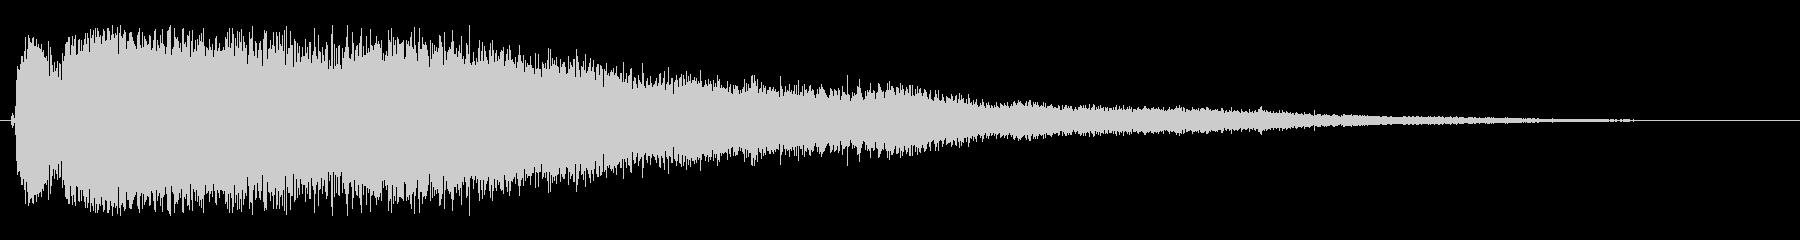 シャララ(細かい透明感のある効果音)の未再生の波形